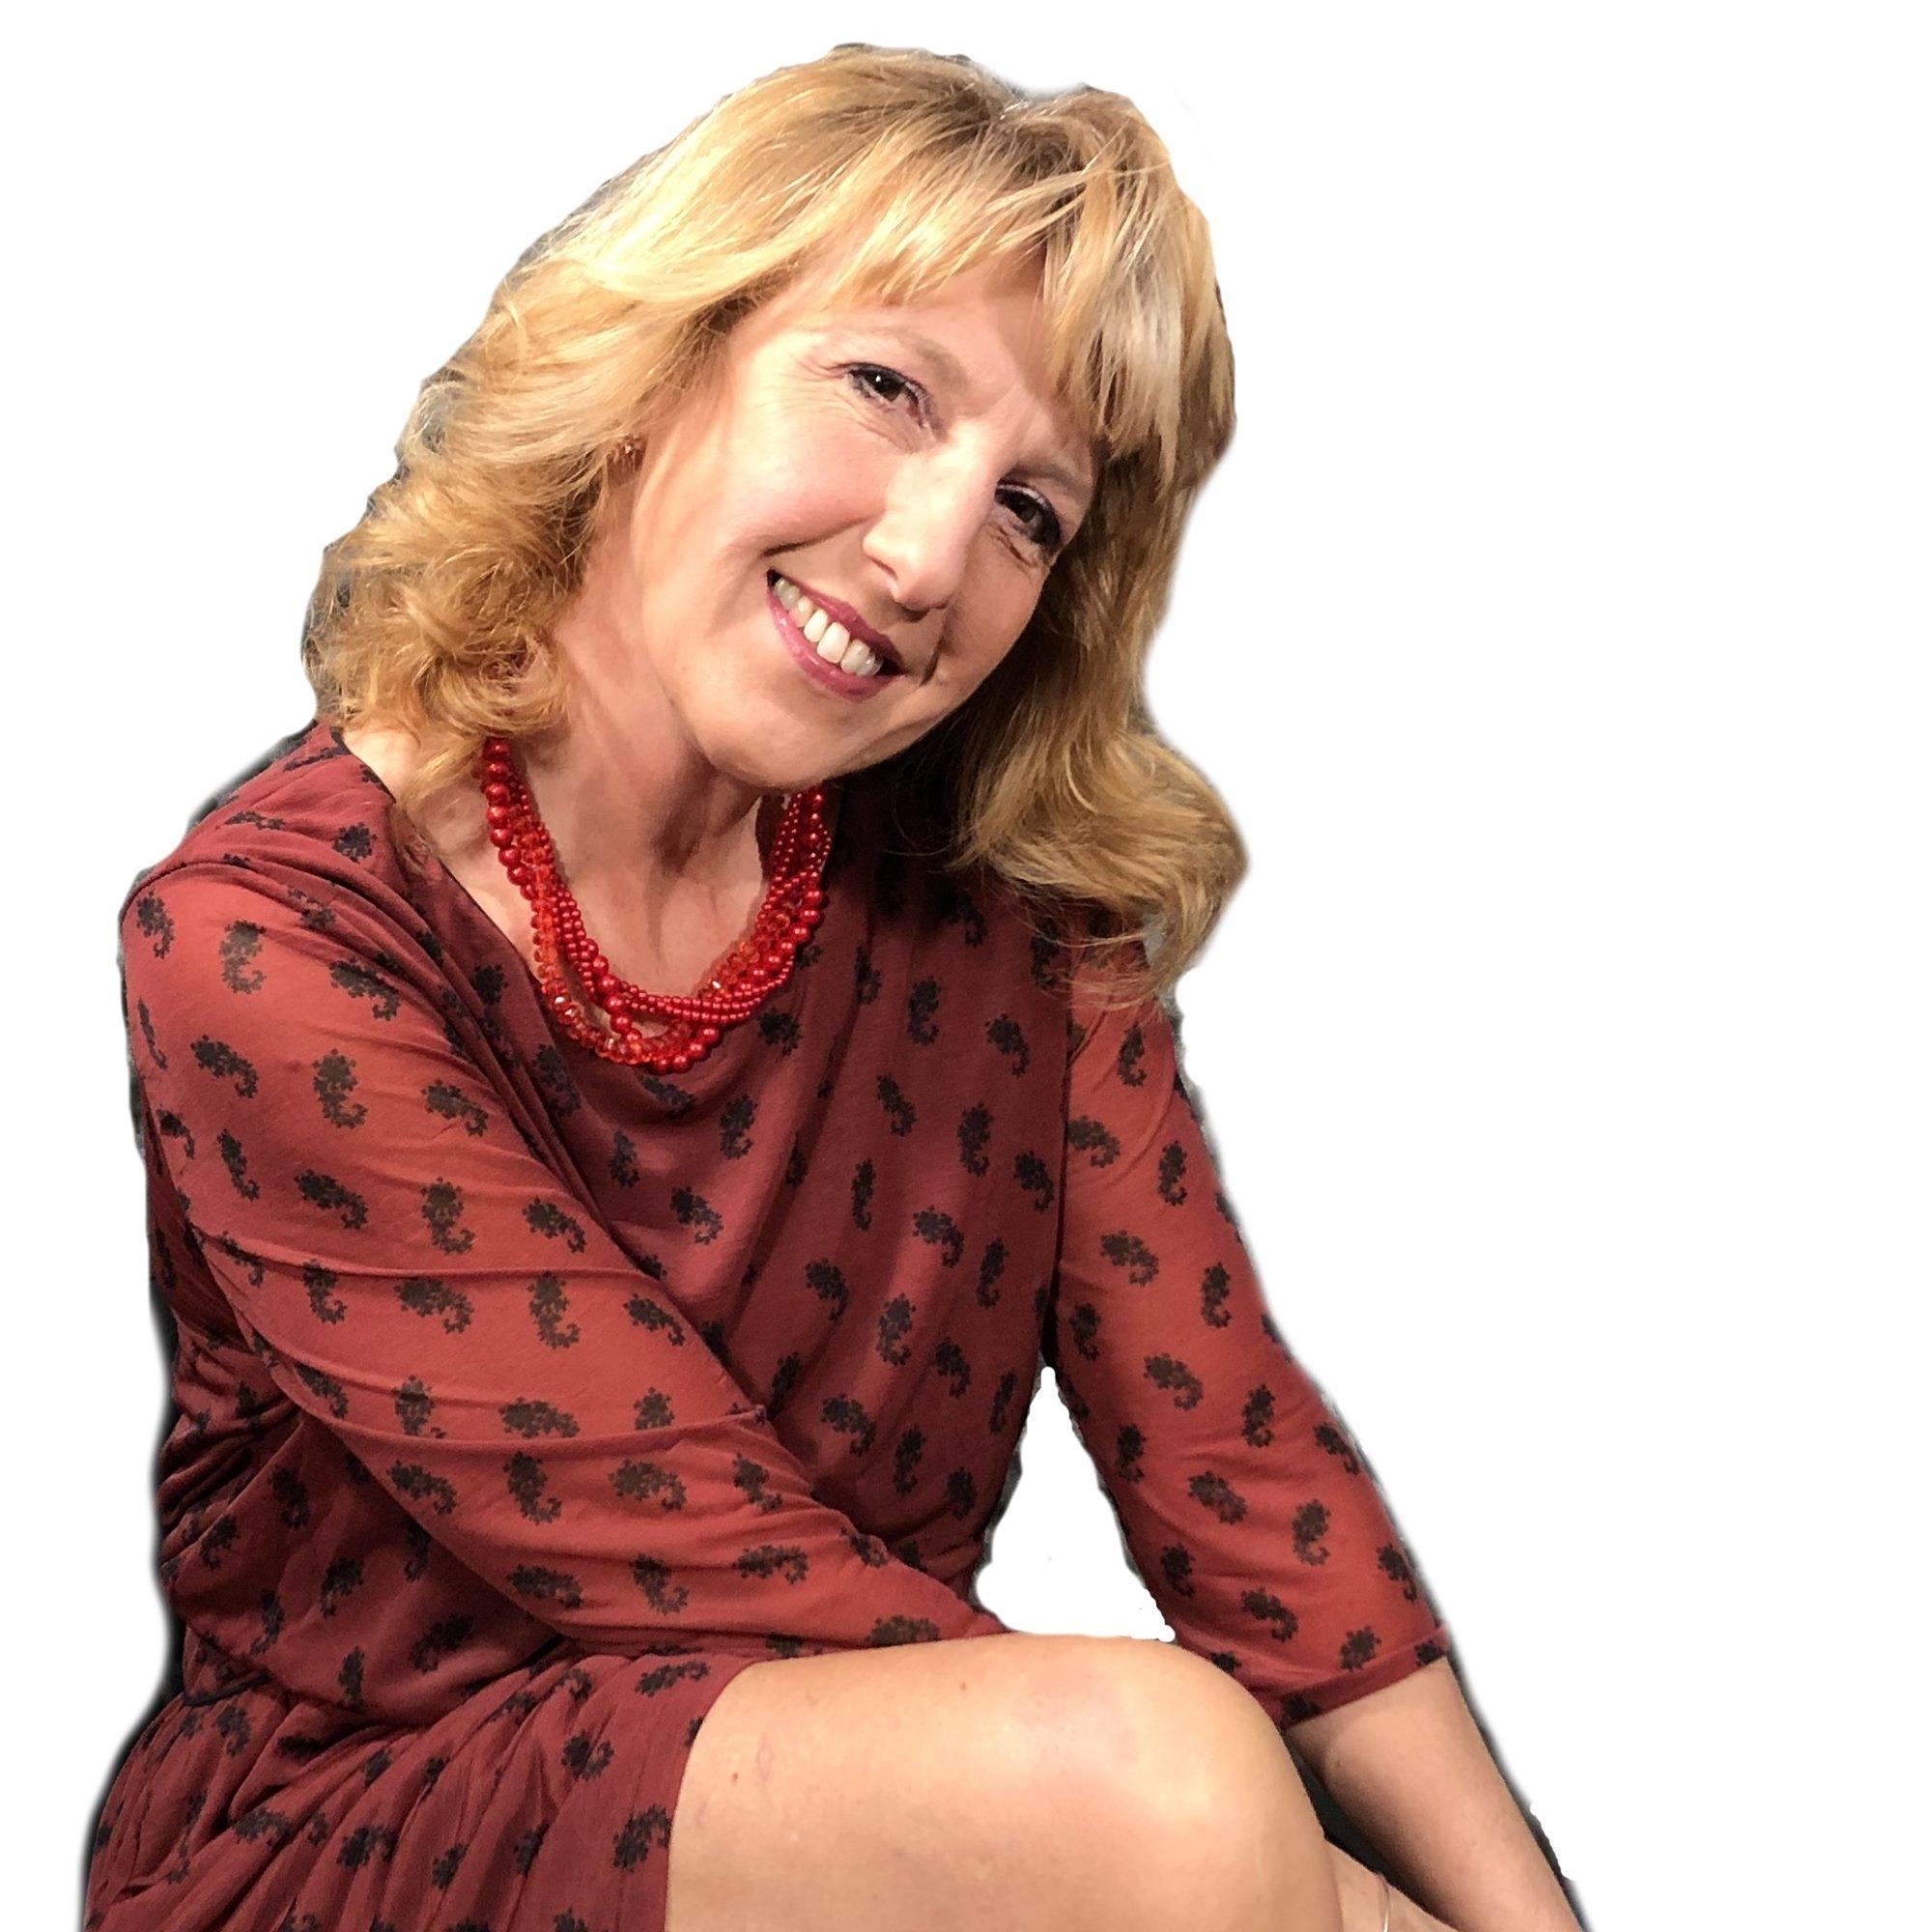 Erica Comoglio